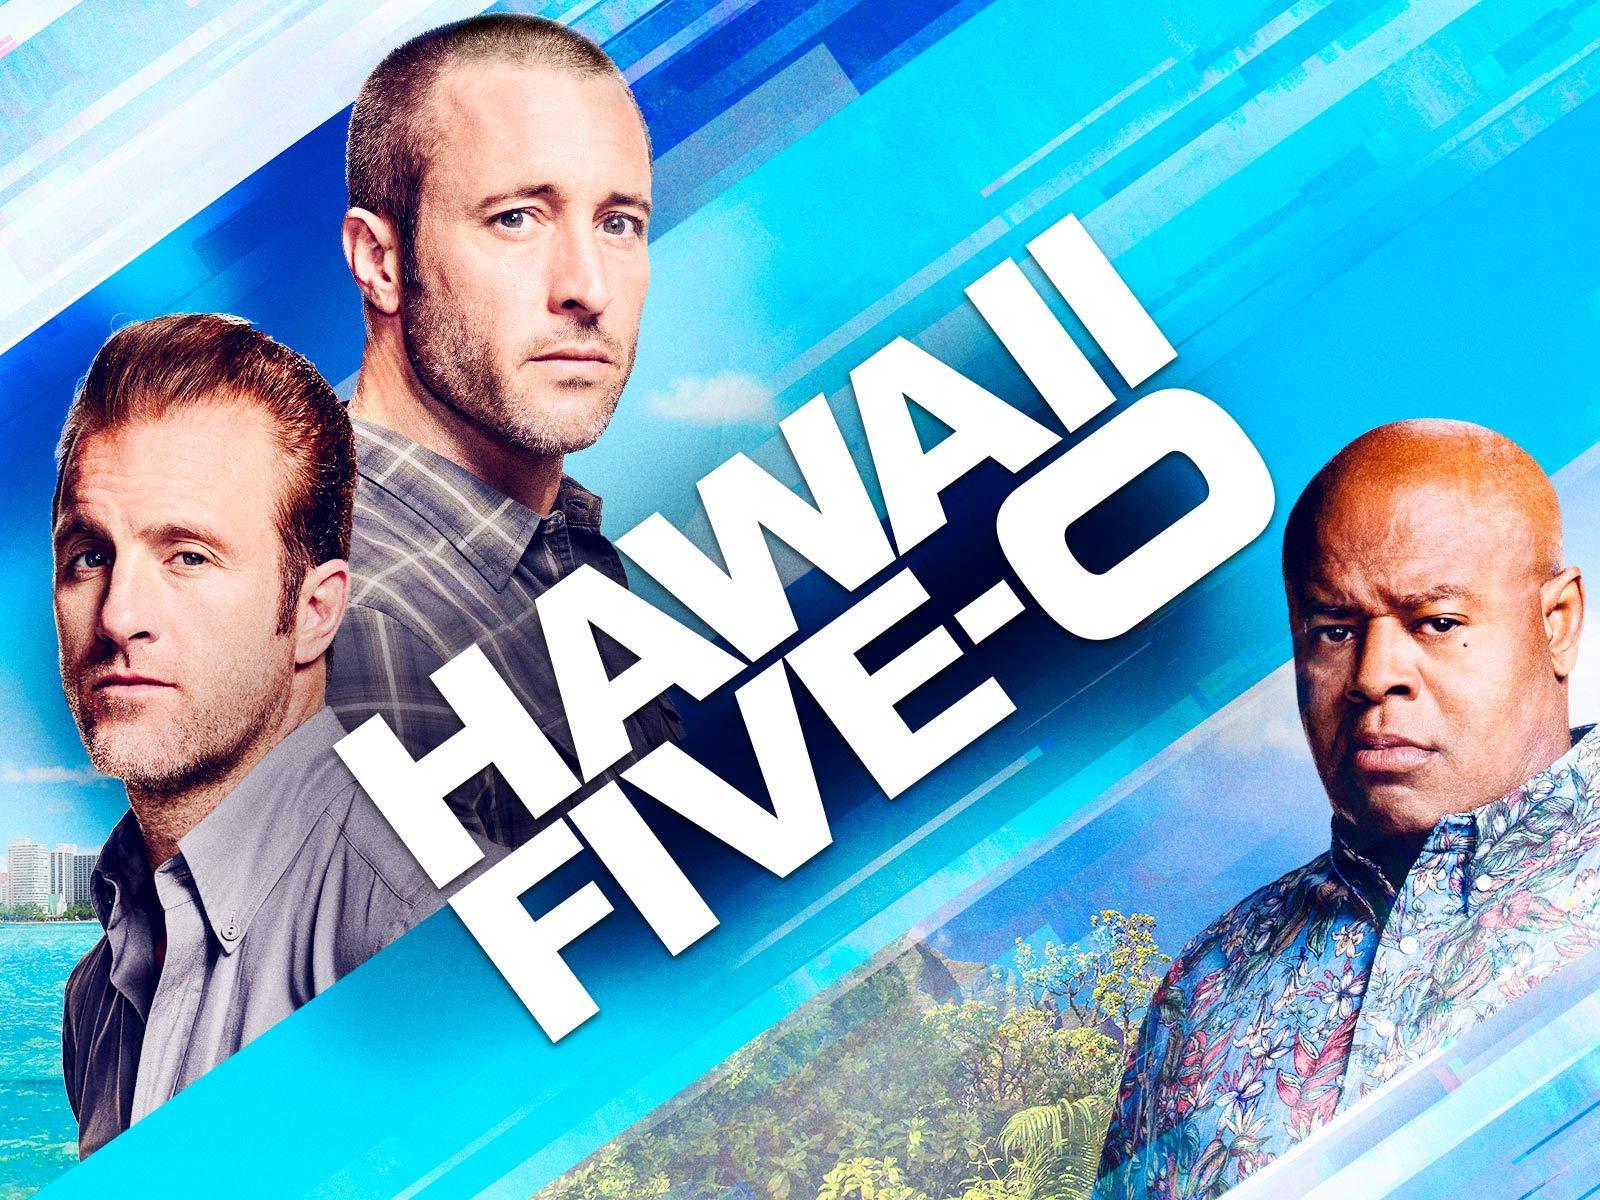 Hawaii Five-O Season 9 มือปราบฮาวาย ปี 9 ทุกตอน พากย์ไทย